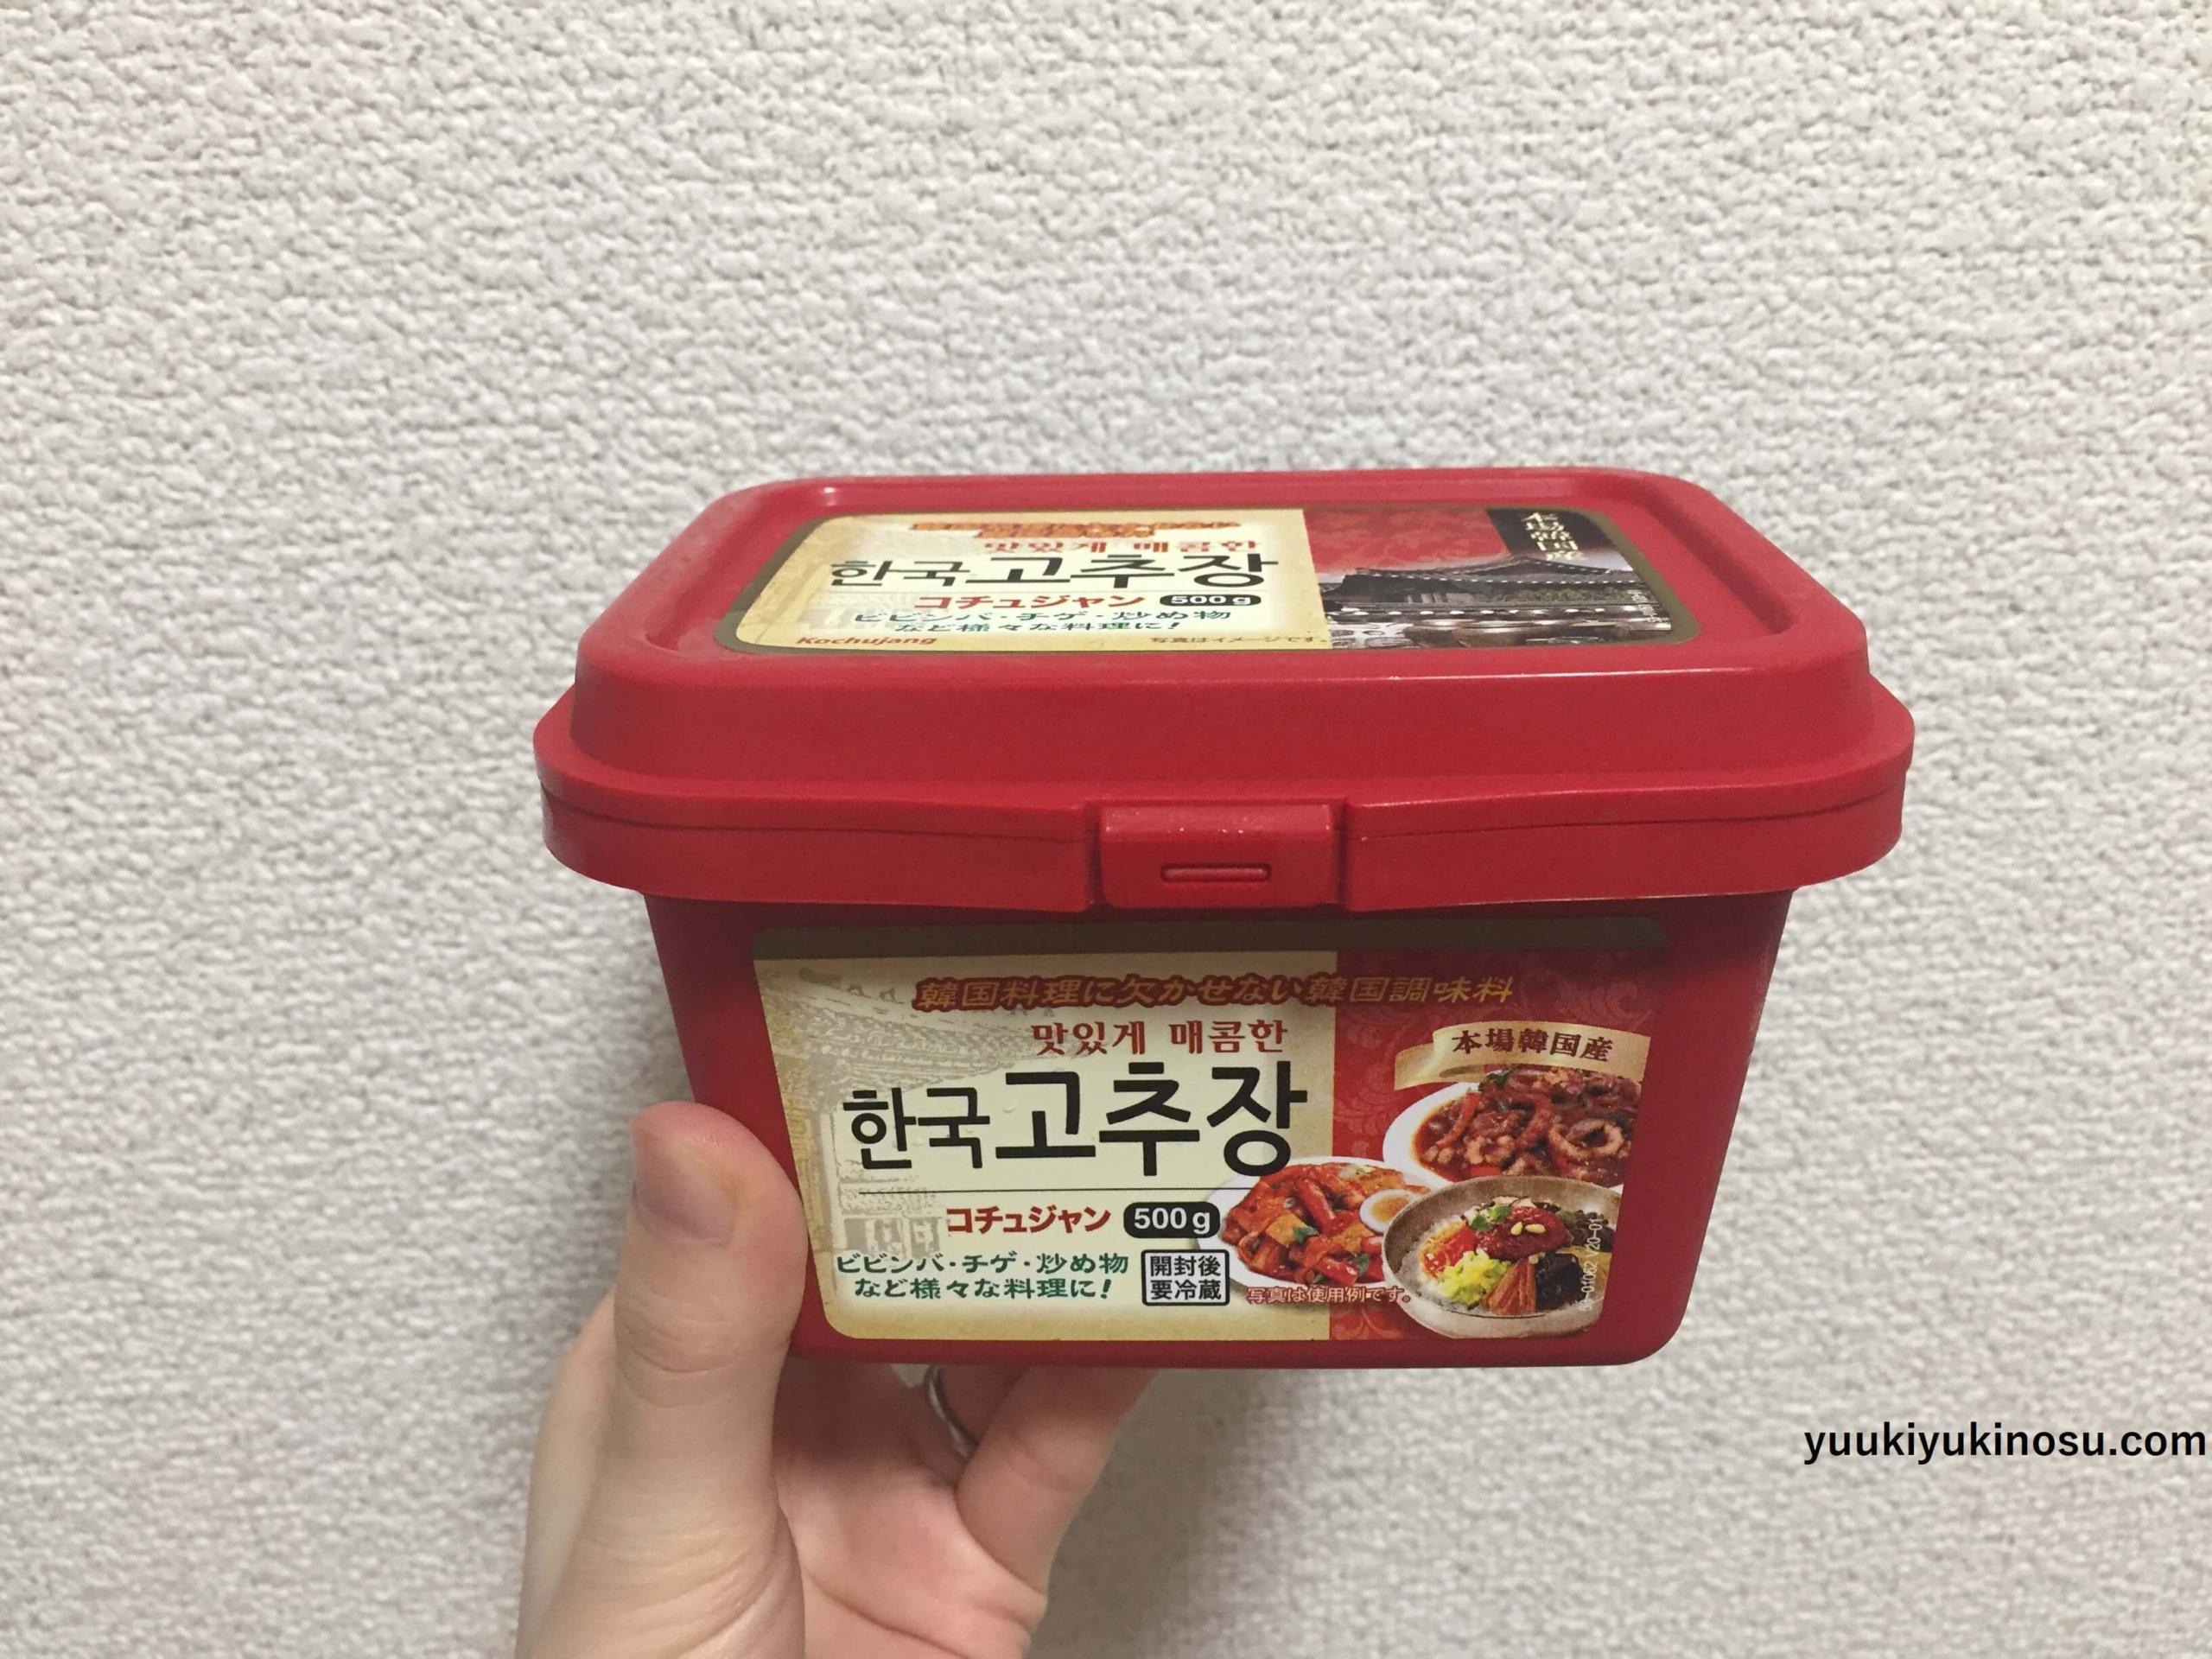 業務スーパー コチュジャン 韓国産 500g 値段 アレンジ レシピ 韓国料理 ピリ辛 おすすめ調味料